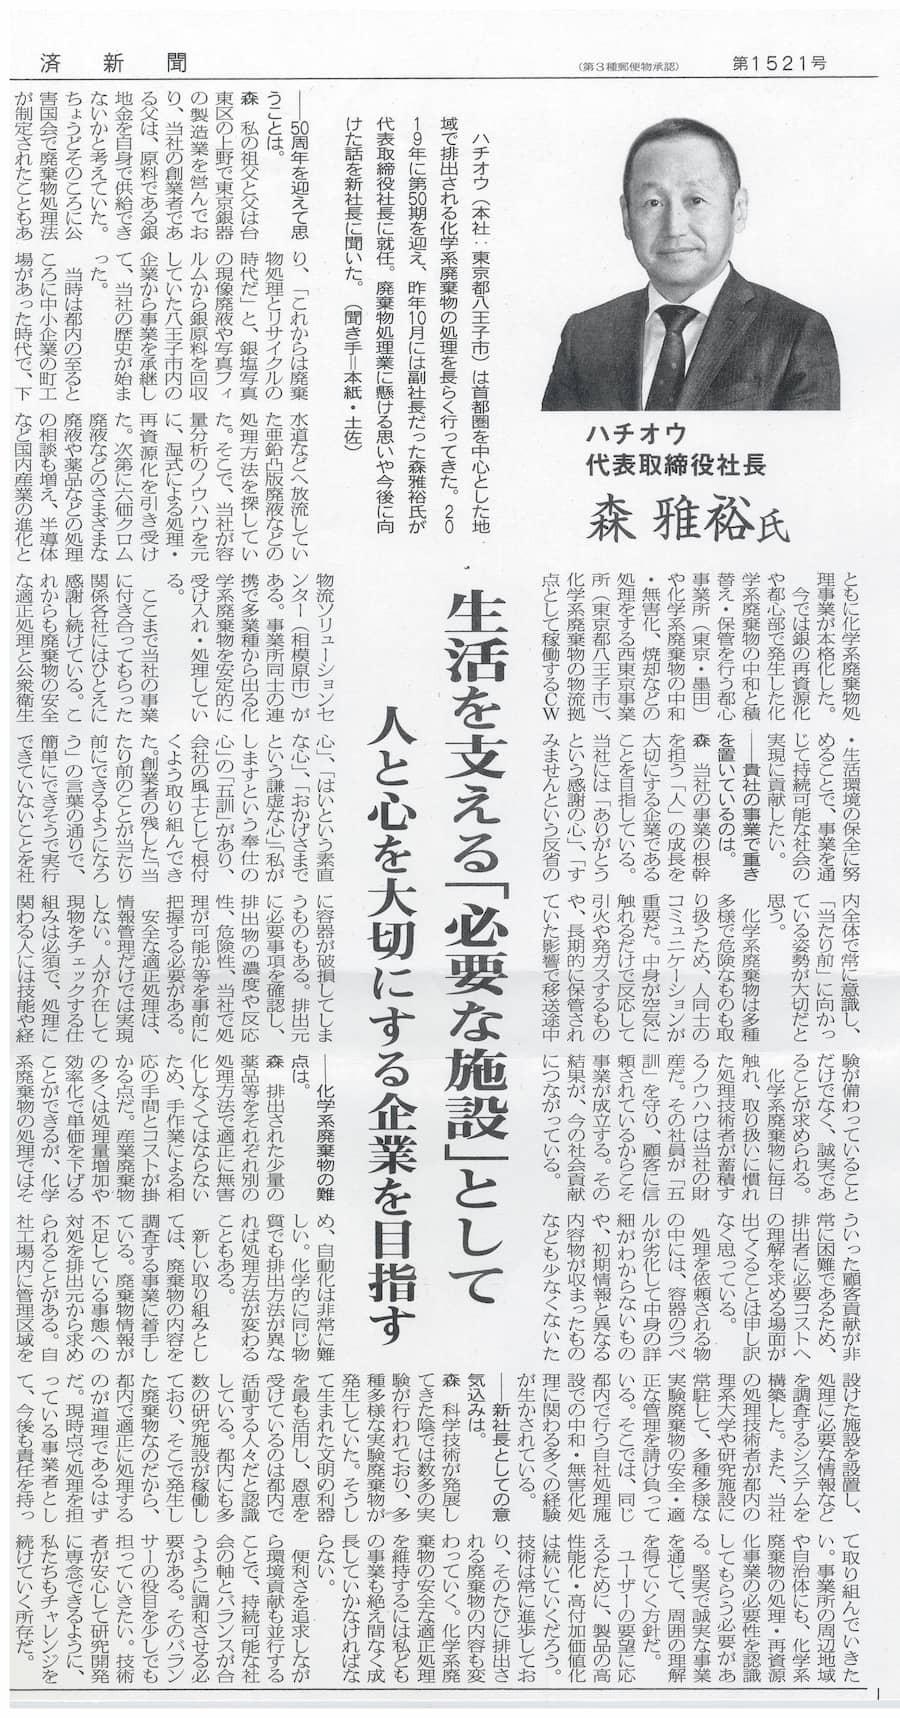 循環経済新聞 2021年1月25日